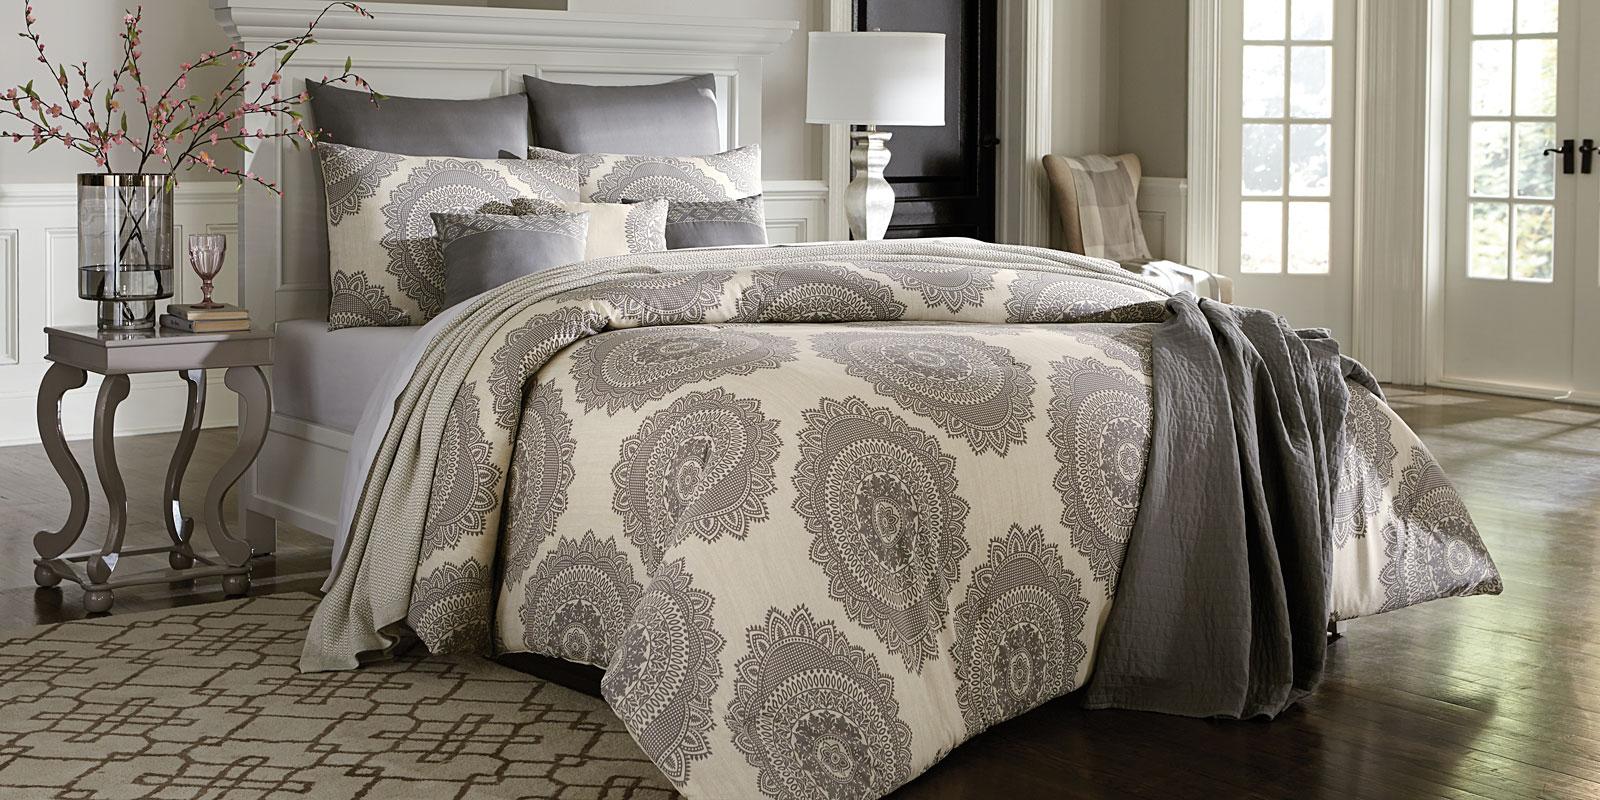 Cannon 7 Piece Comforter Set Grey Medallion Shop Your